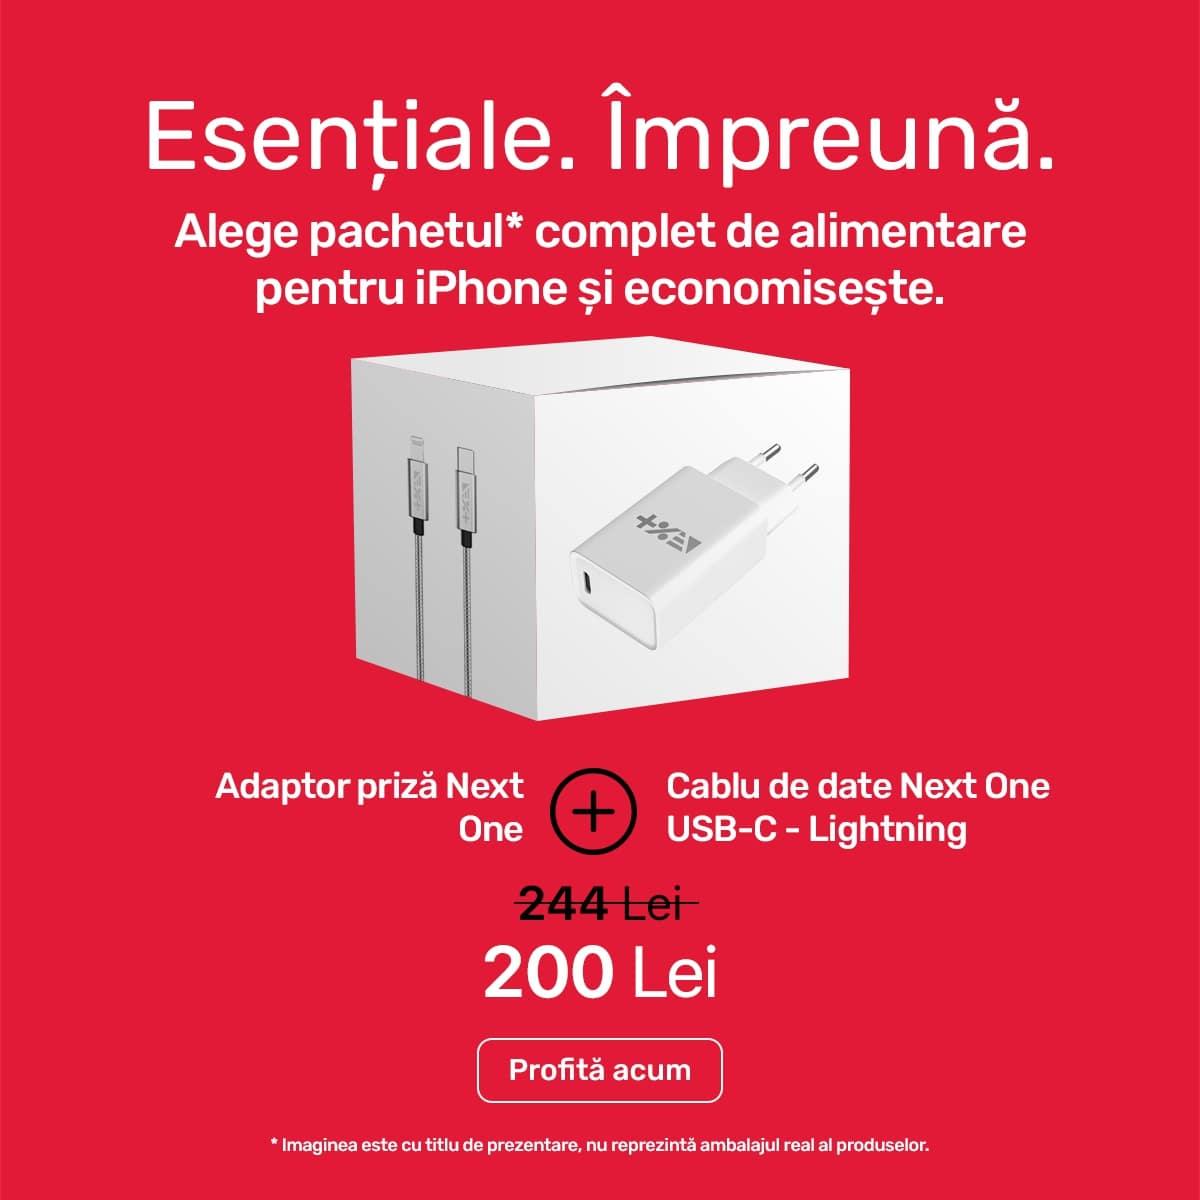 Adaptor + Cablu